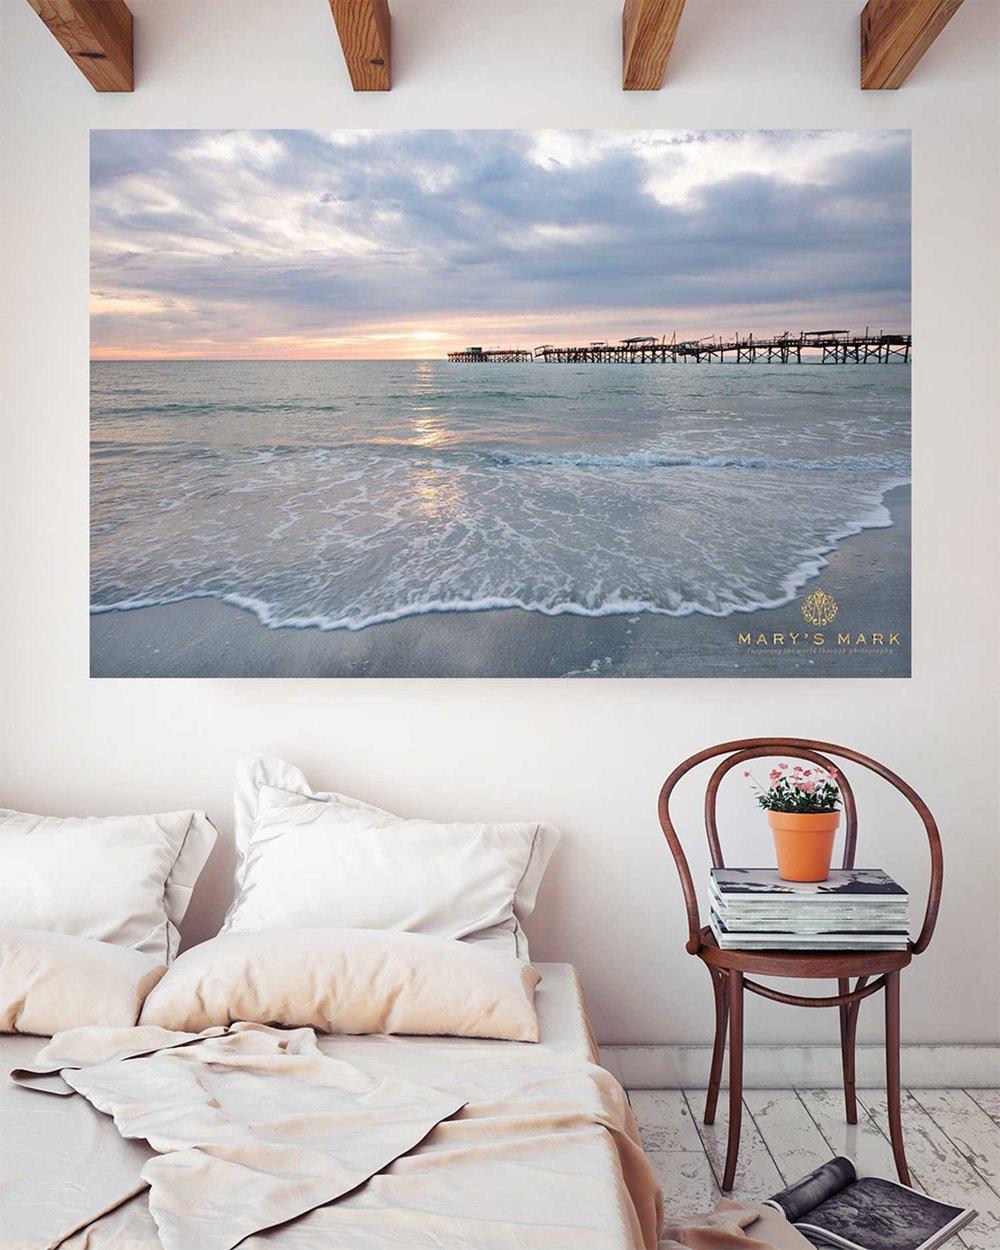 Ocean-Nautical-Artwork-Wall-Decor-by-Mary-Parkhill-of-Mary's-Mark-Photography.jpg